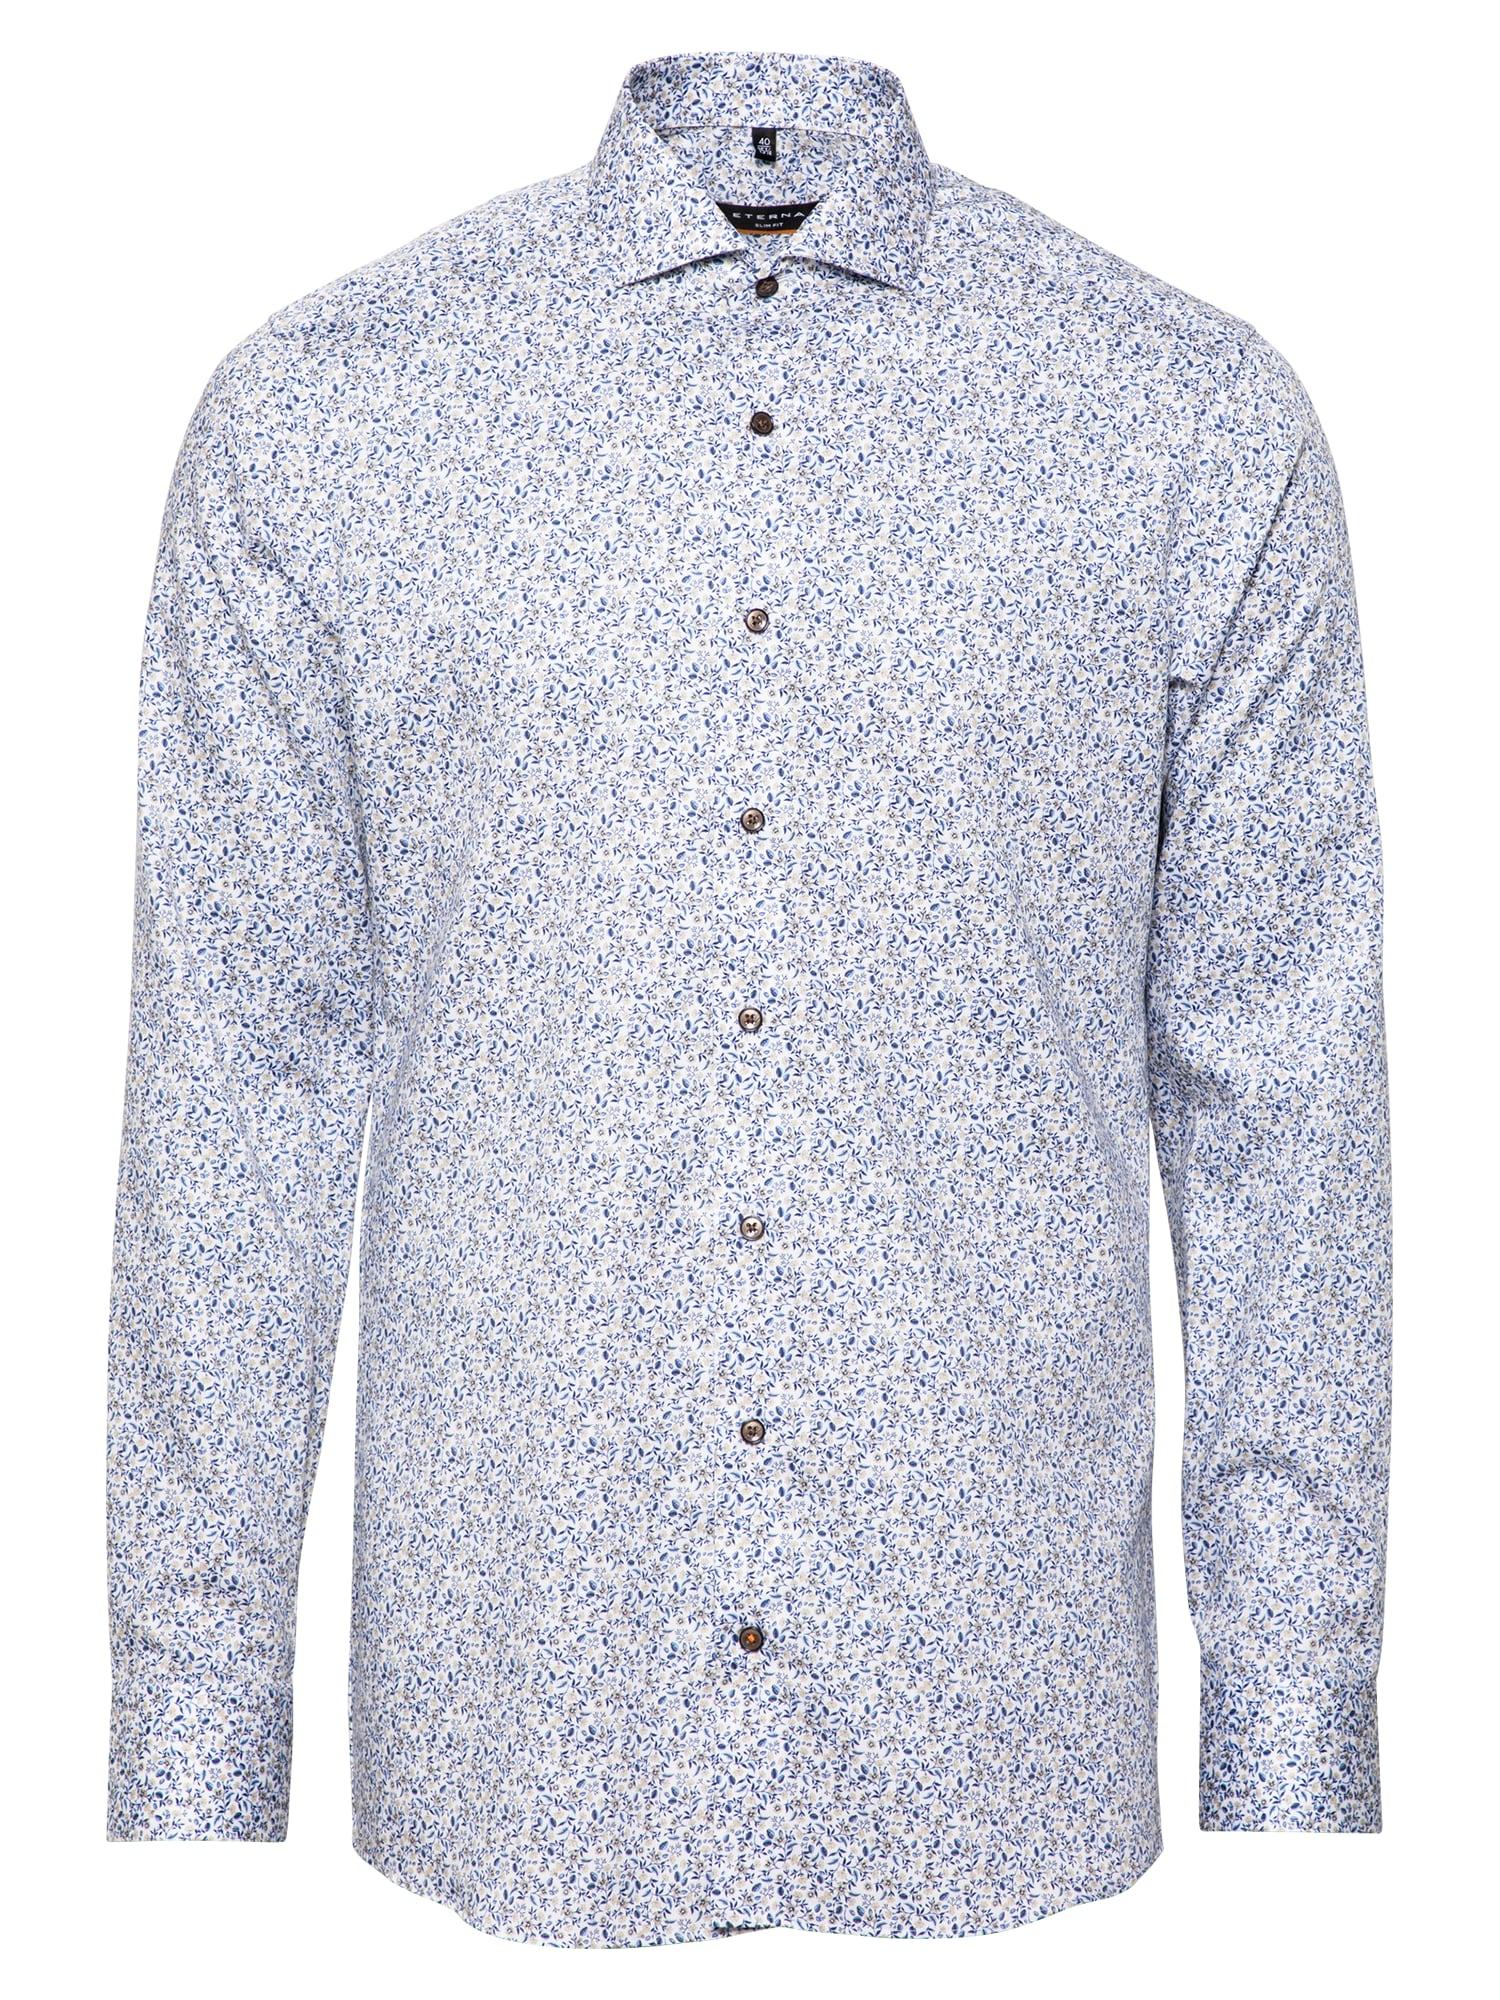 ETERNA Marškiniai smėlio / gelsvai pilka spalva / tamsiai mėlyna / tamsiai mėlyna